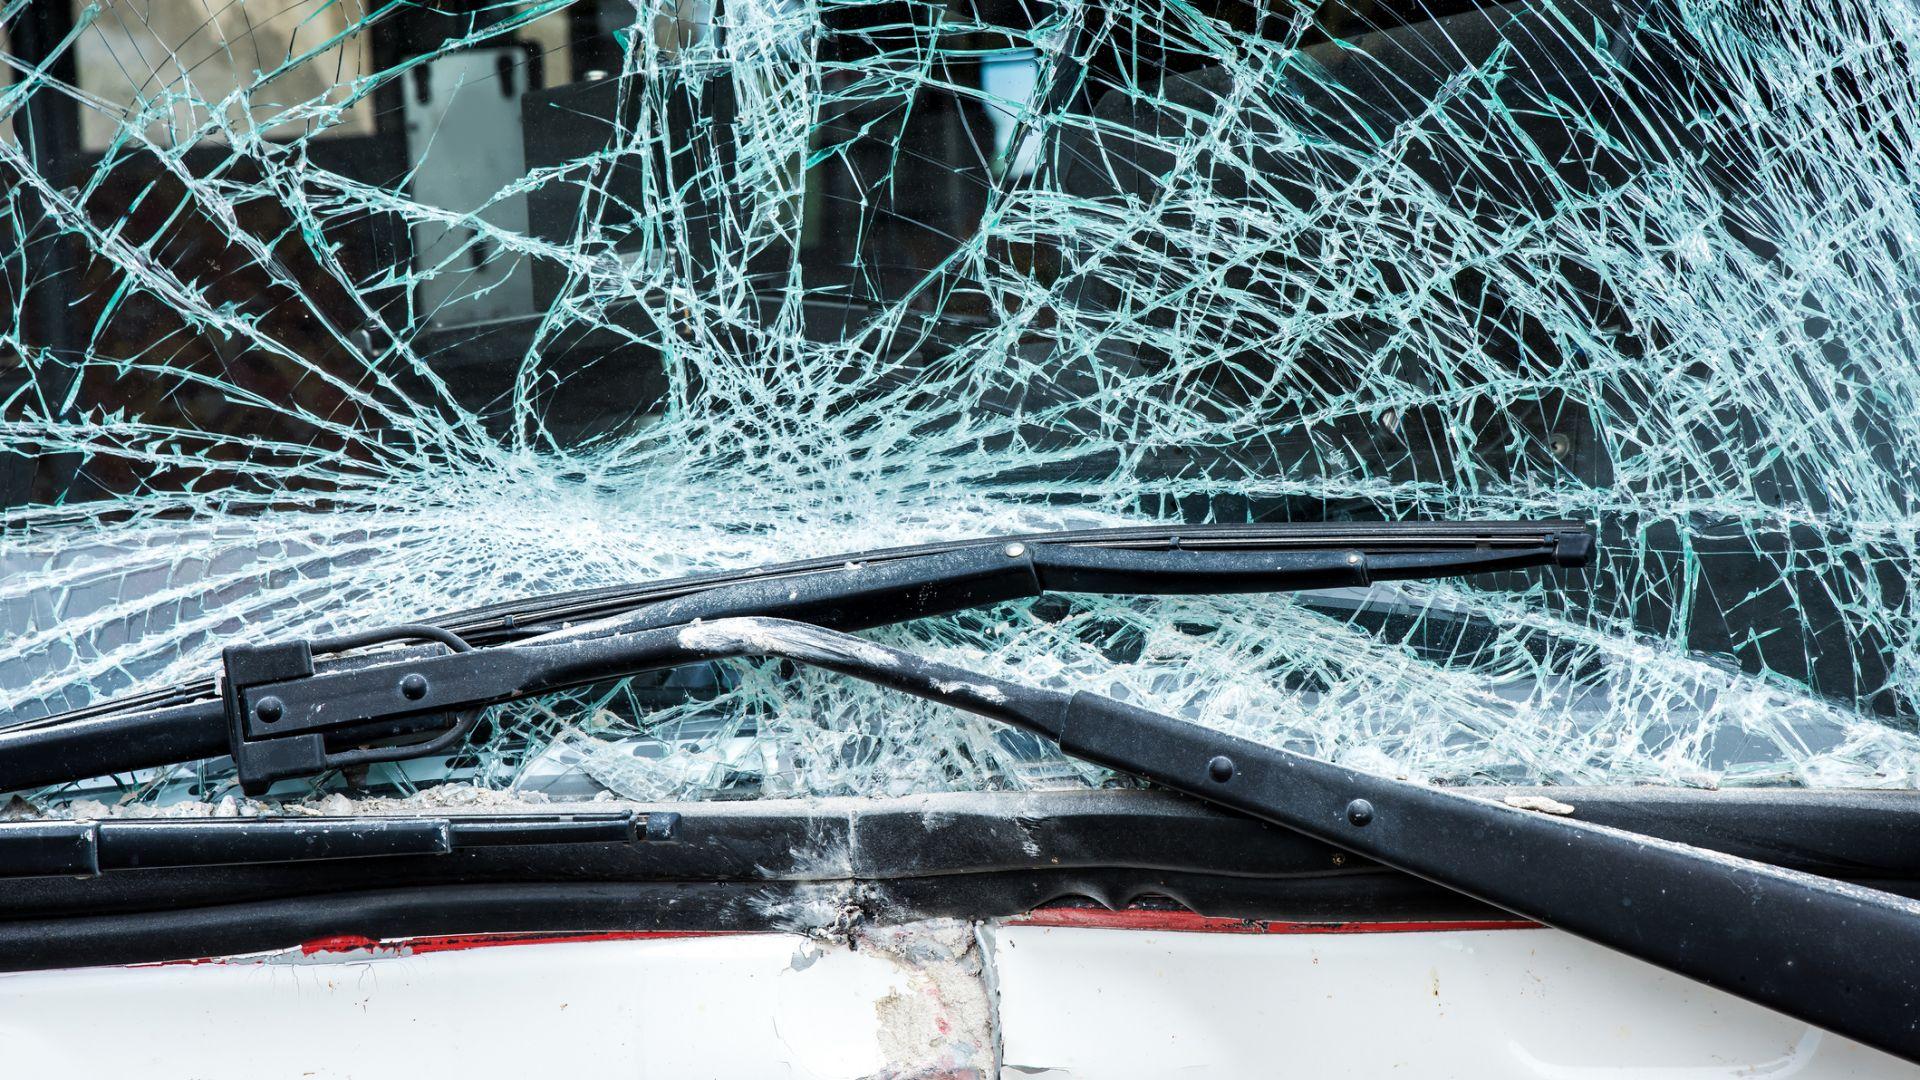 Млад шофьор уби мъж на пътя, скри трупа в храсти и избяга